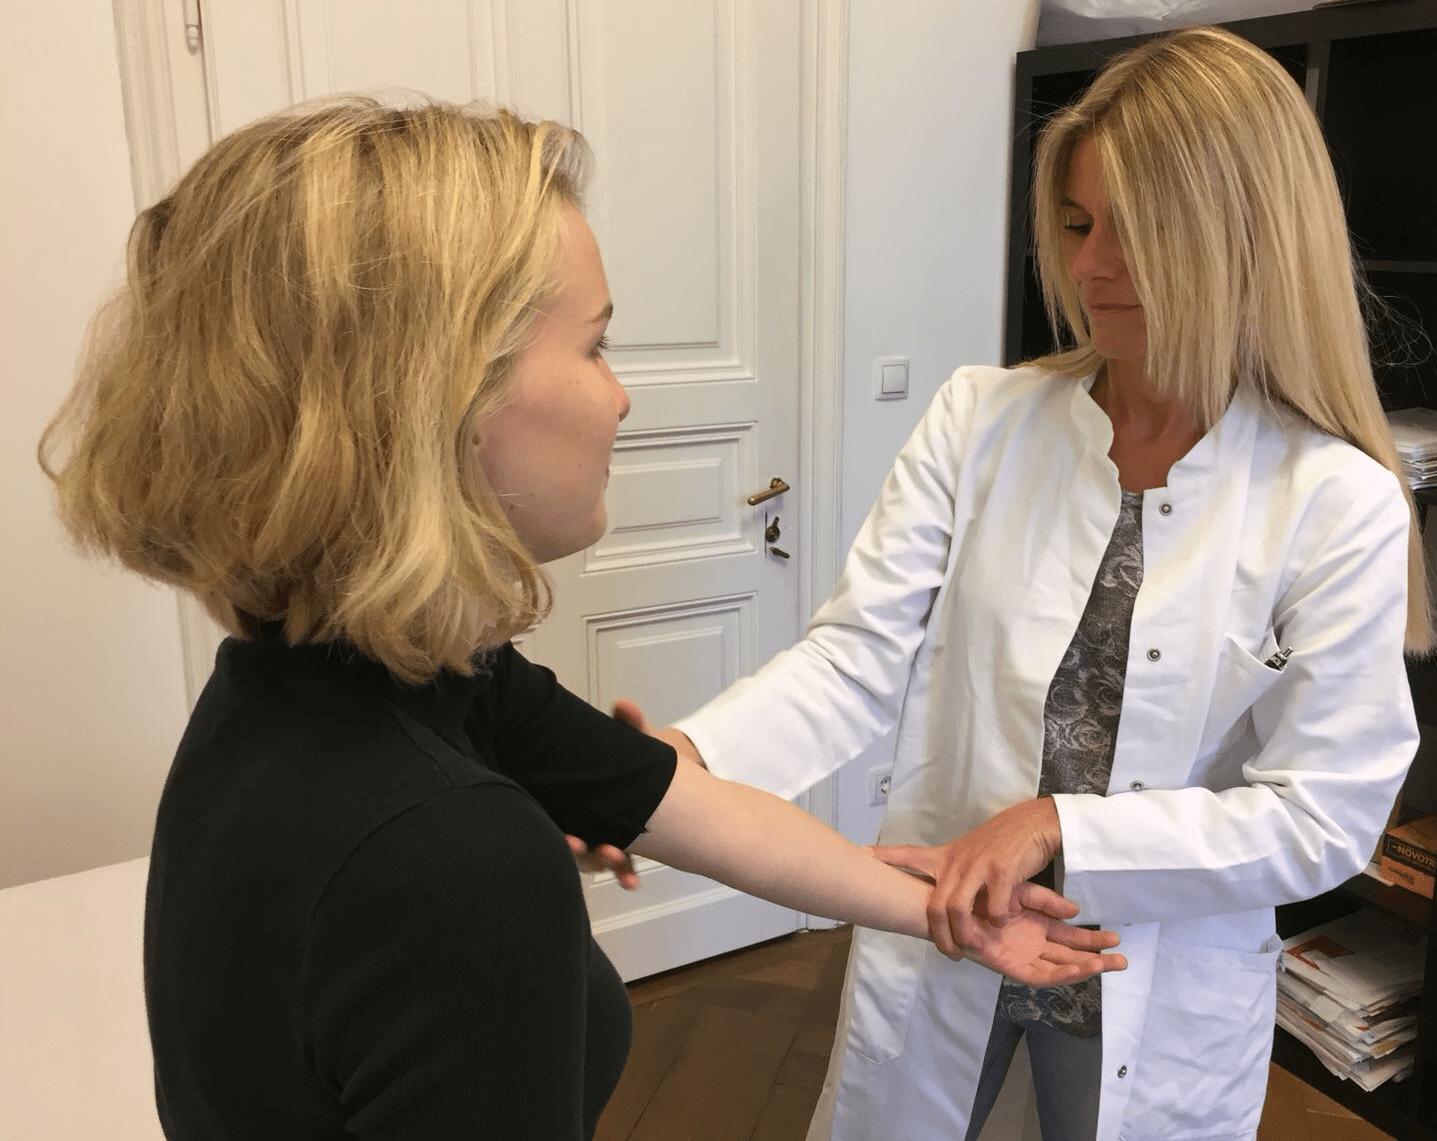 Neurologie-Innsbruck-Dr-Birgit-Biedermann-fachaerztin-neurologe-neurologin